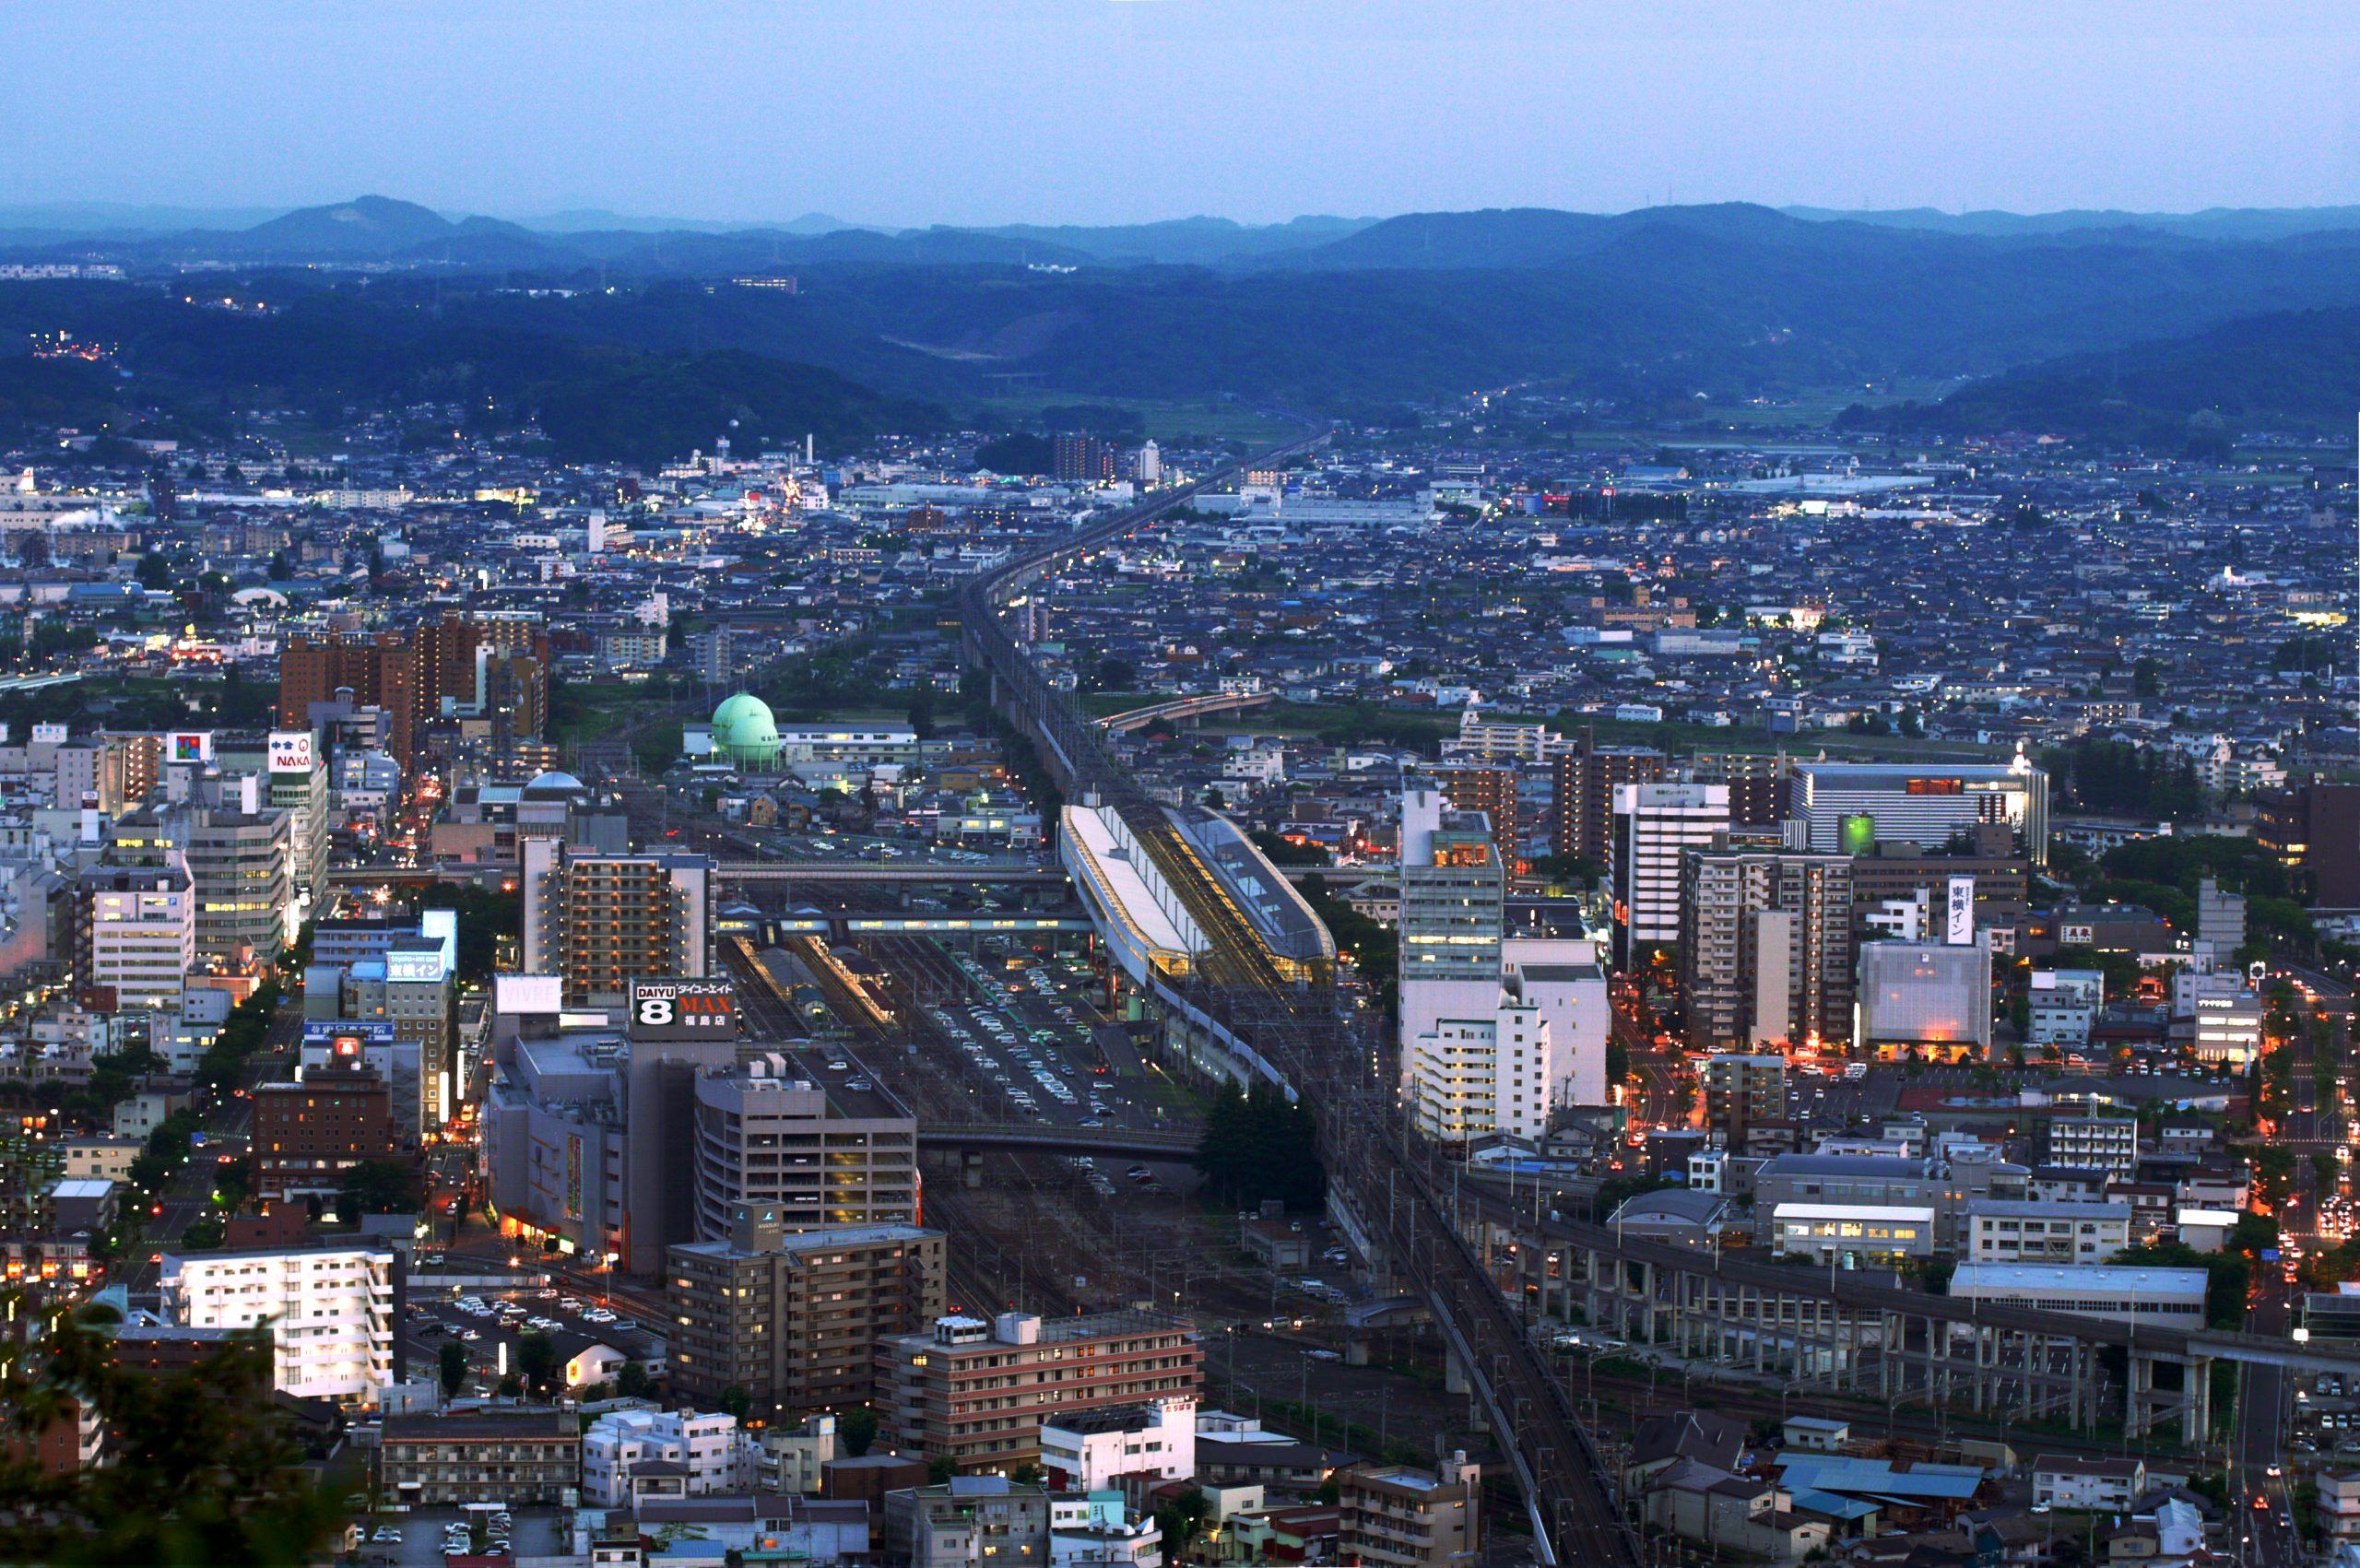 vista cidade fukushima japão